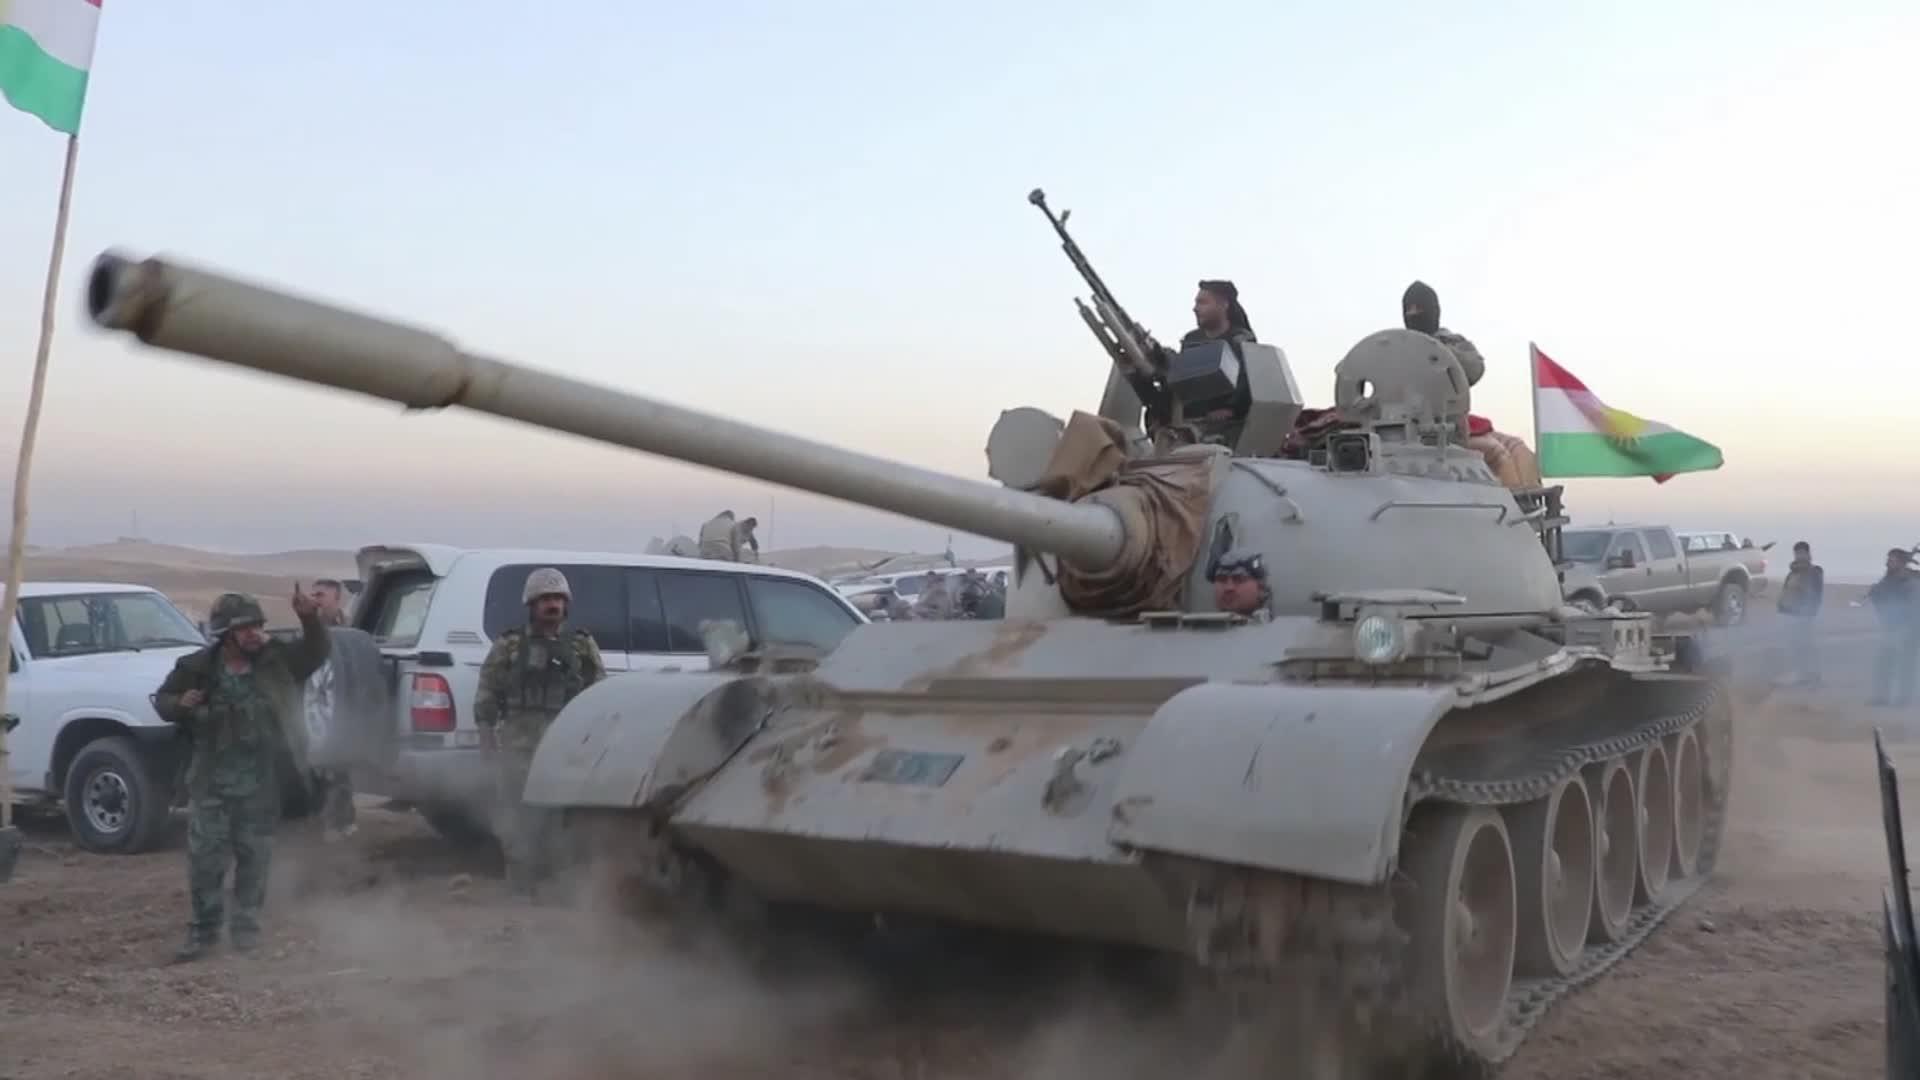 Les civils, premières victimes à Mossoul - Wilson en Irak